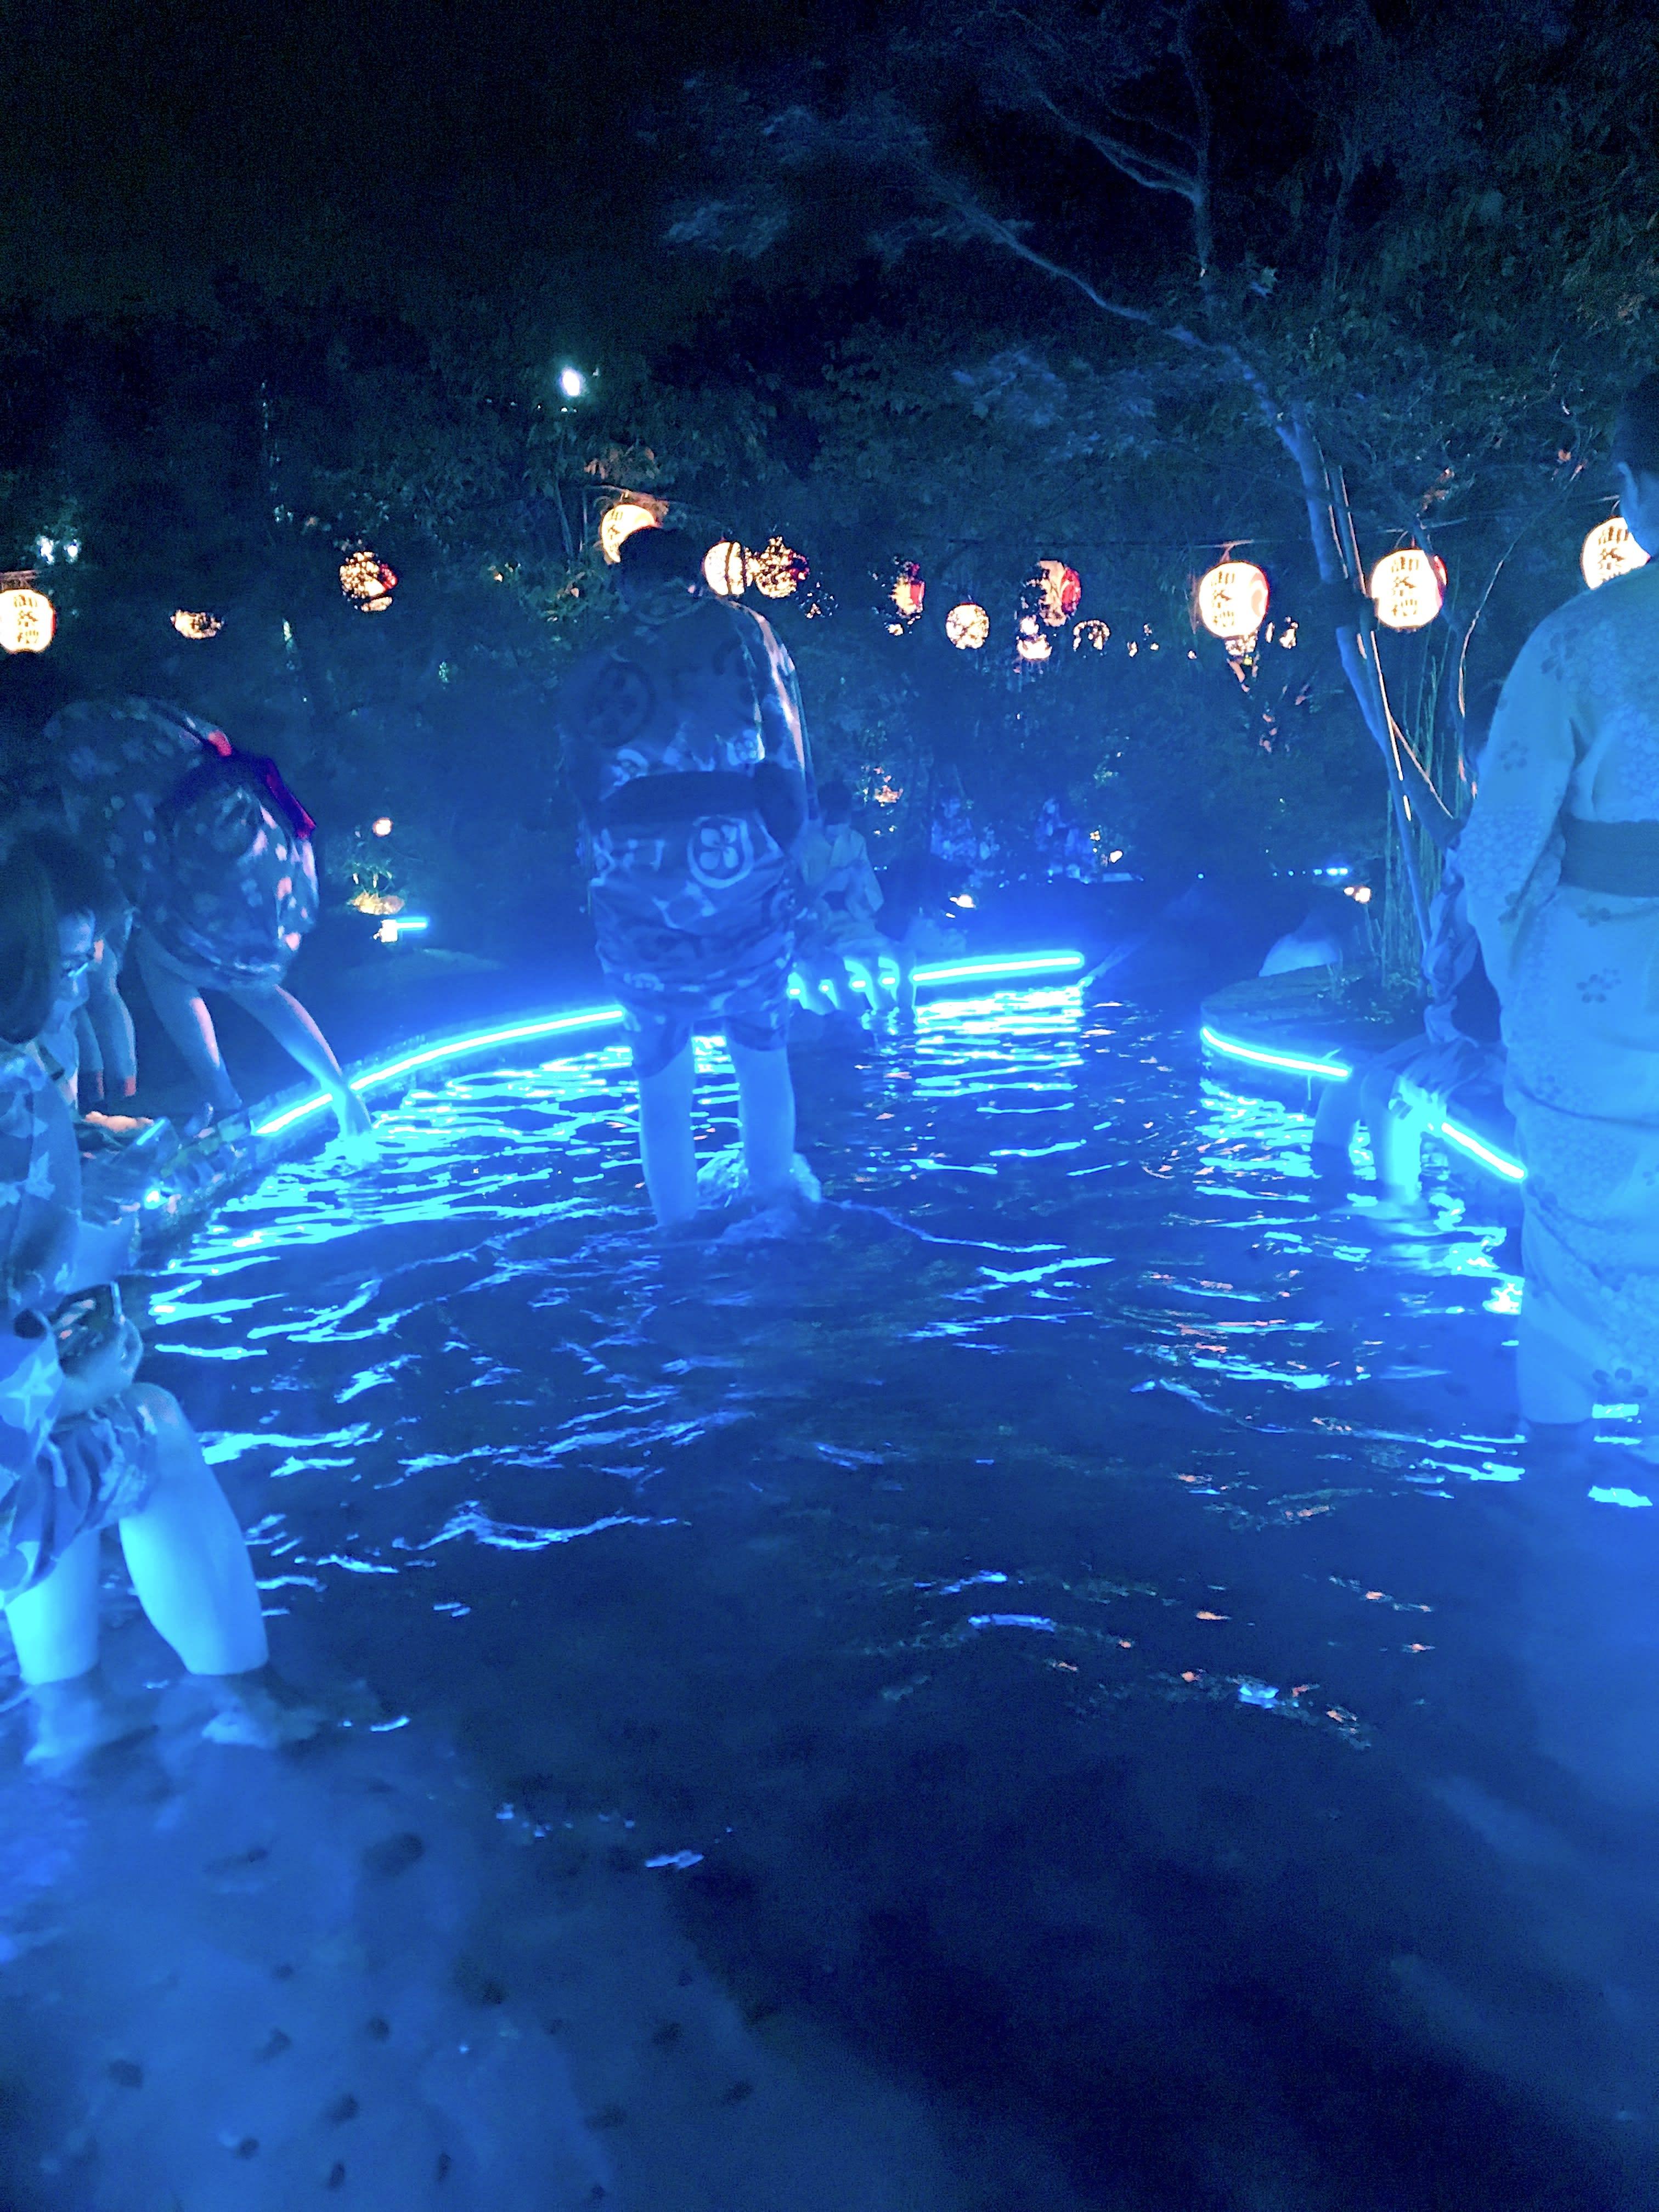 夜晚的足湯區域真的很有一種迷幻感!(圖片取自valepra0330)